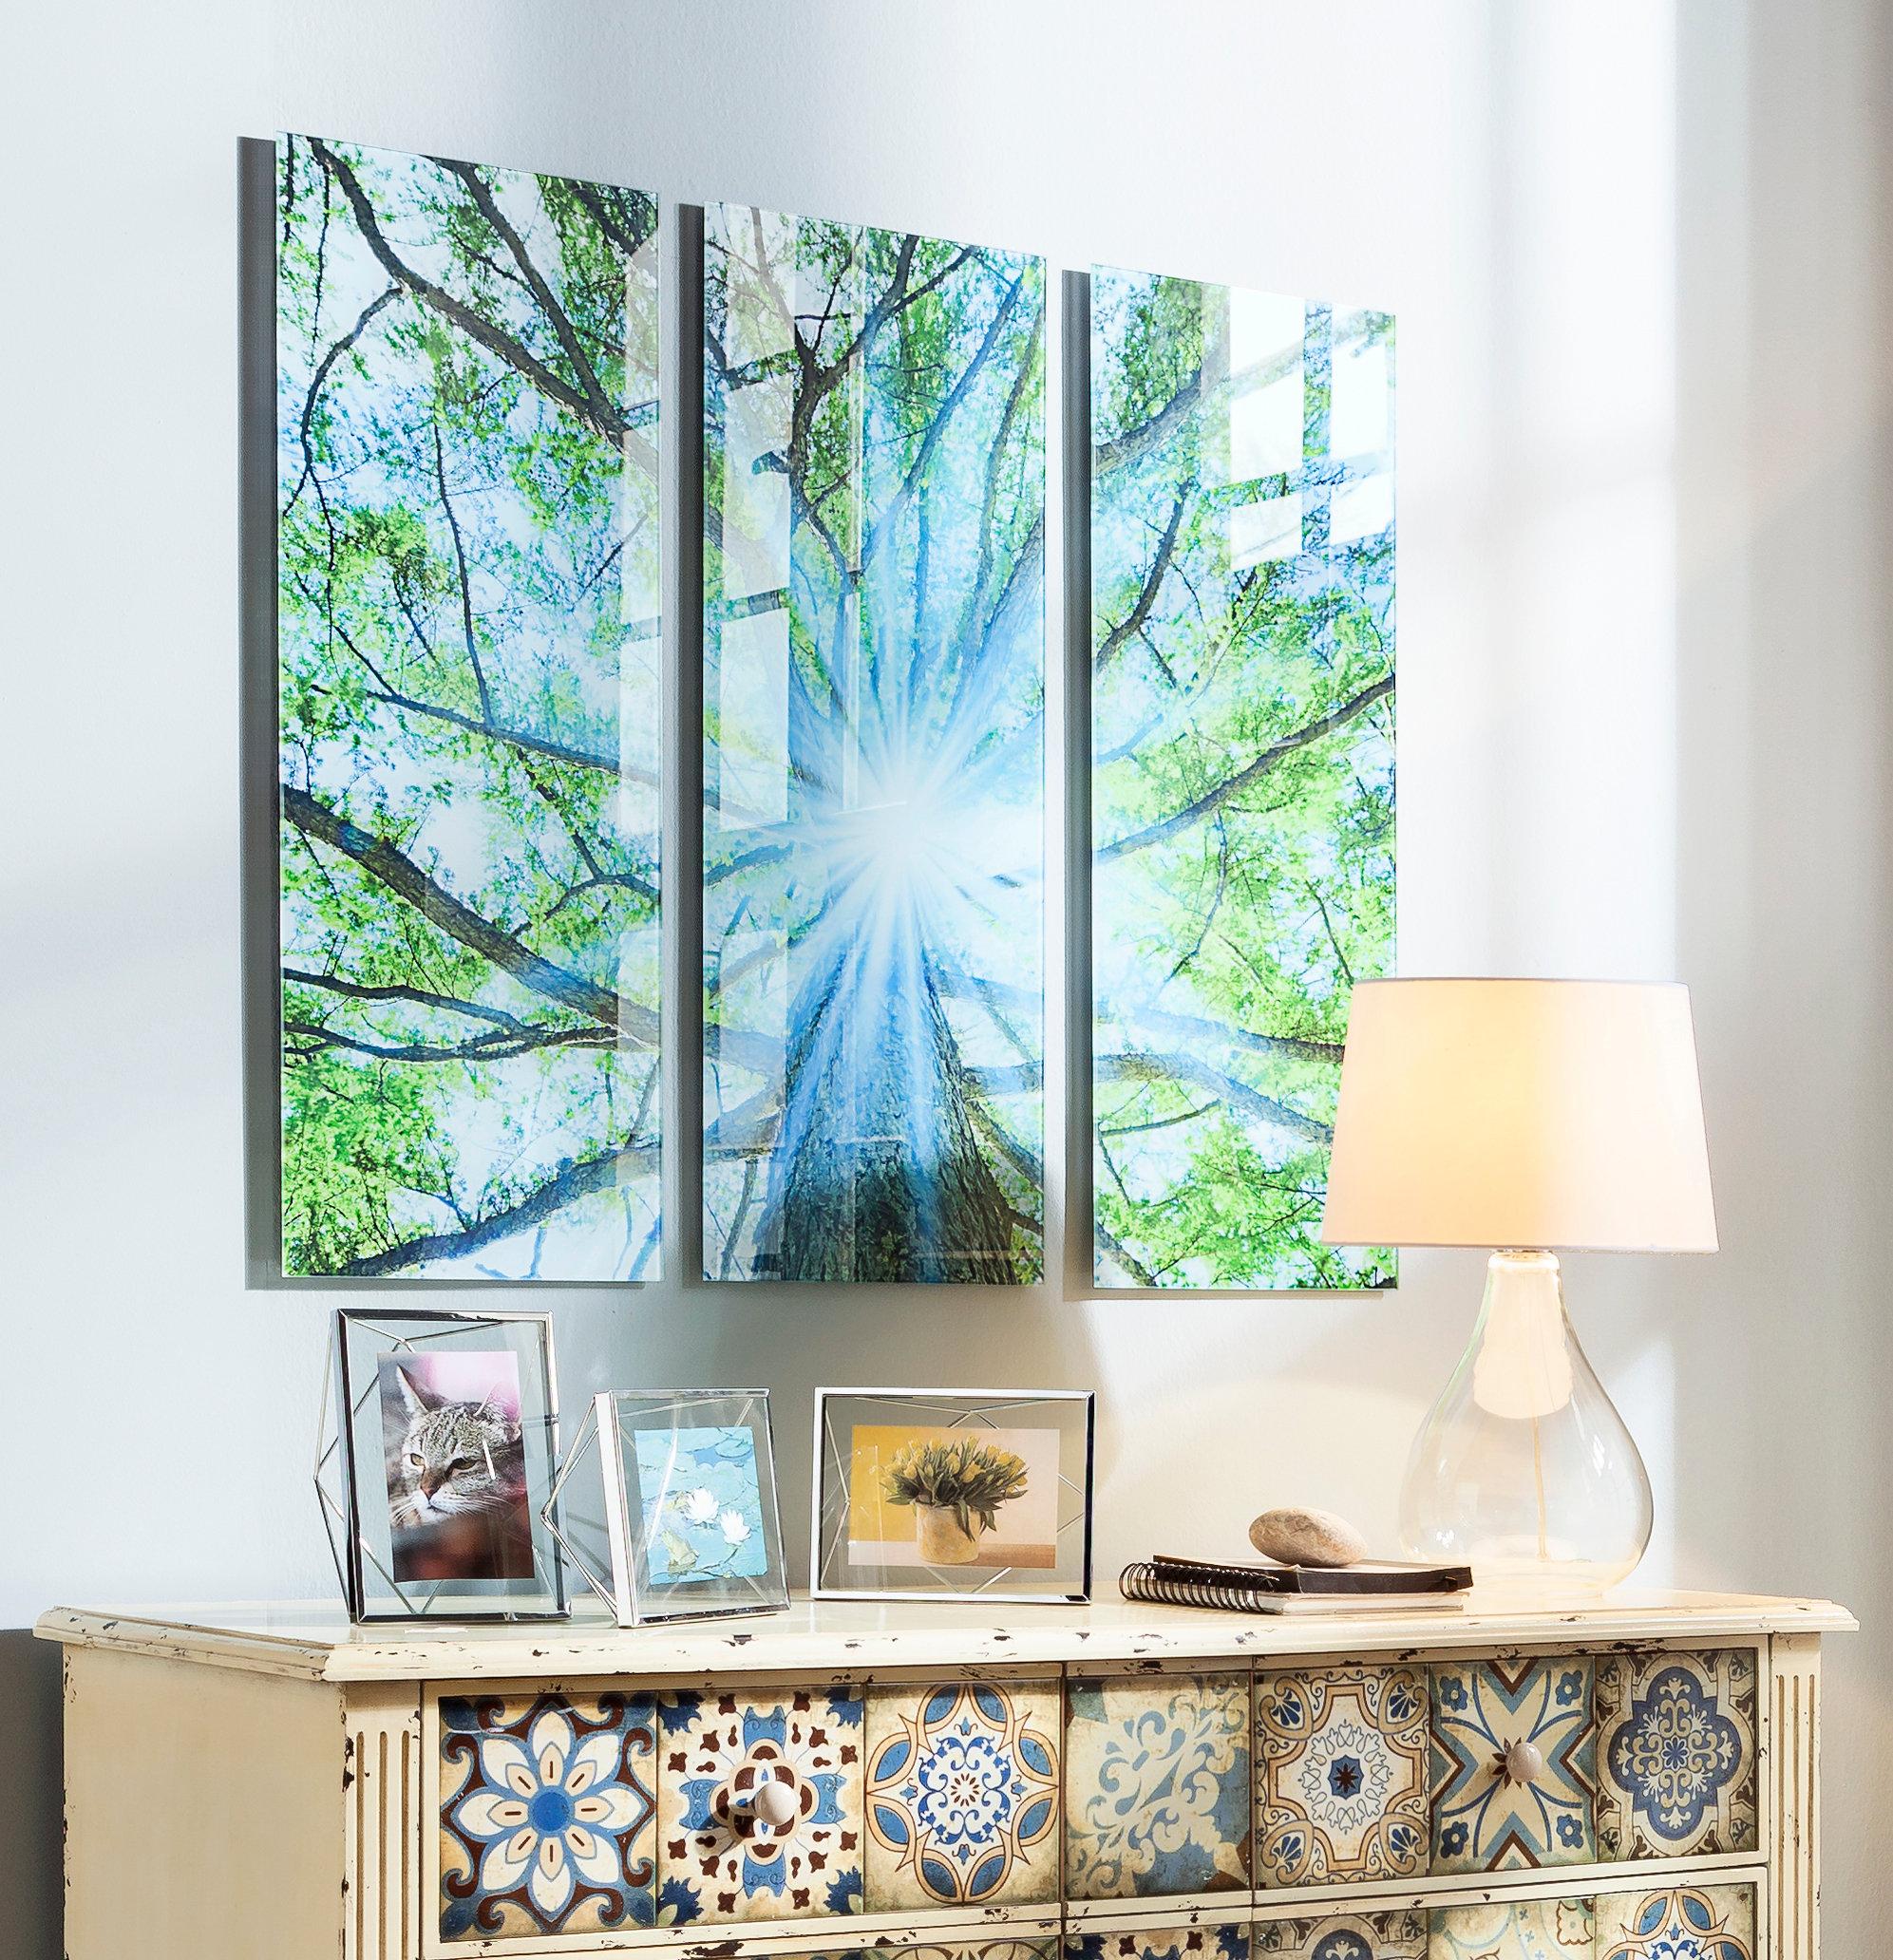 Full Size of Glasbild 120x50 Triptychon Baum Glasbilder Küche Bad Wohnzimmer Glasbild 120x50